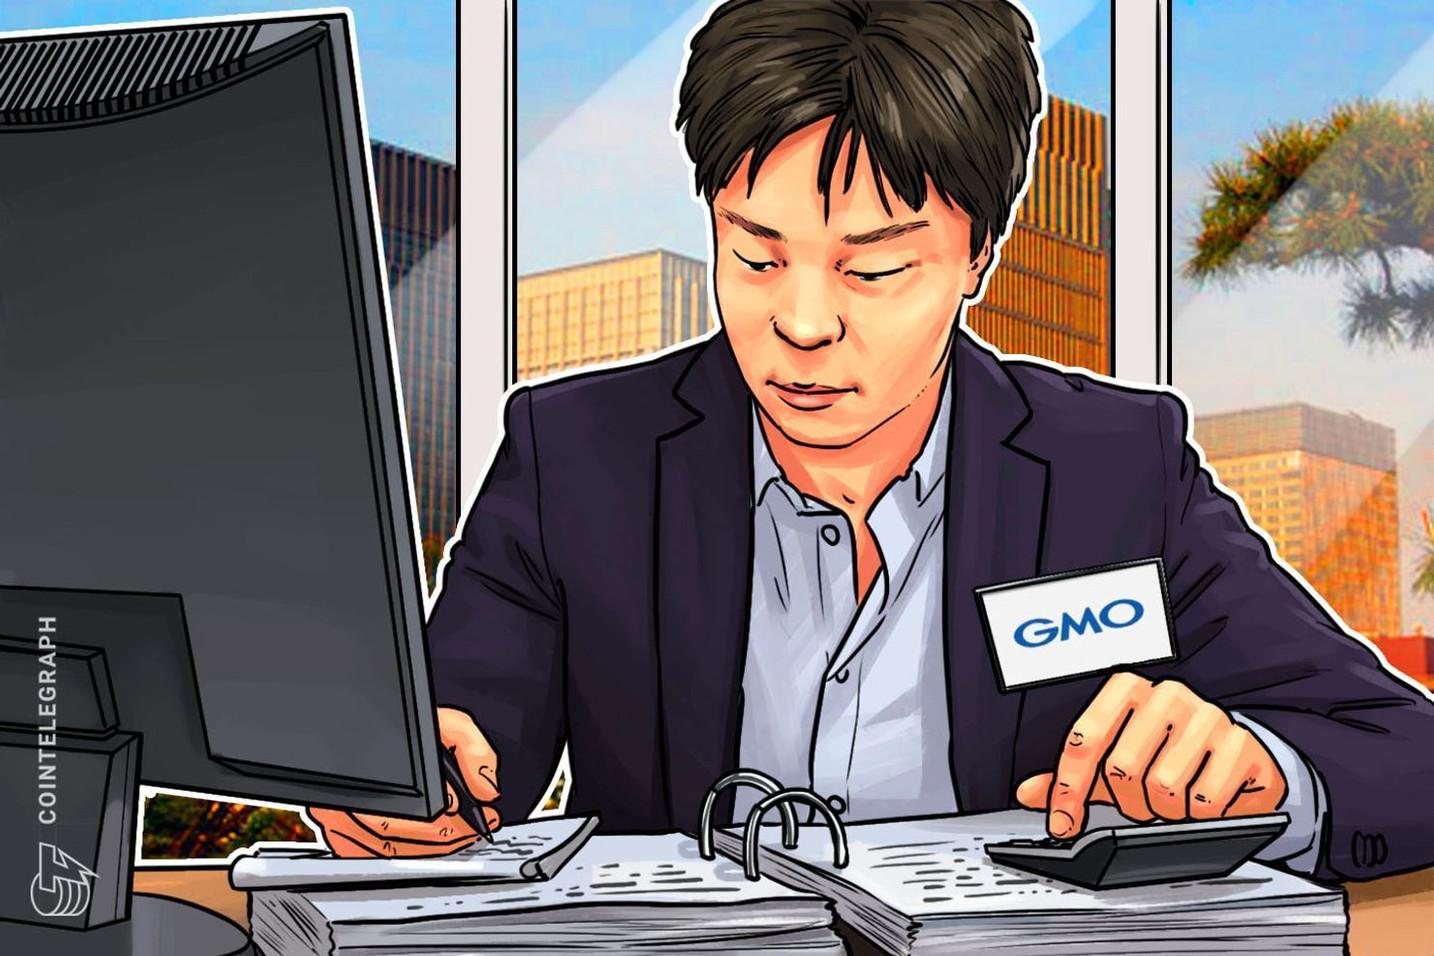 GMO、日本円連動ステーブルコインの実証実験を開始|仮想通貨×ステーブルコインの未来へ一歩【ニュース】